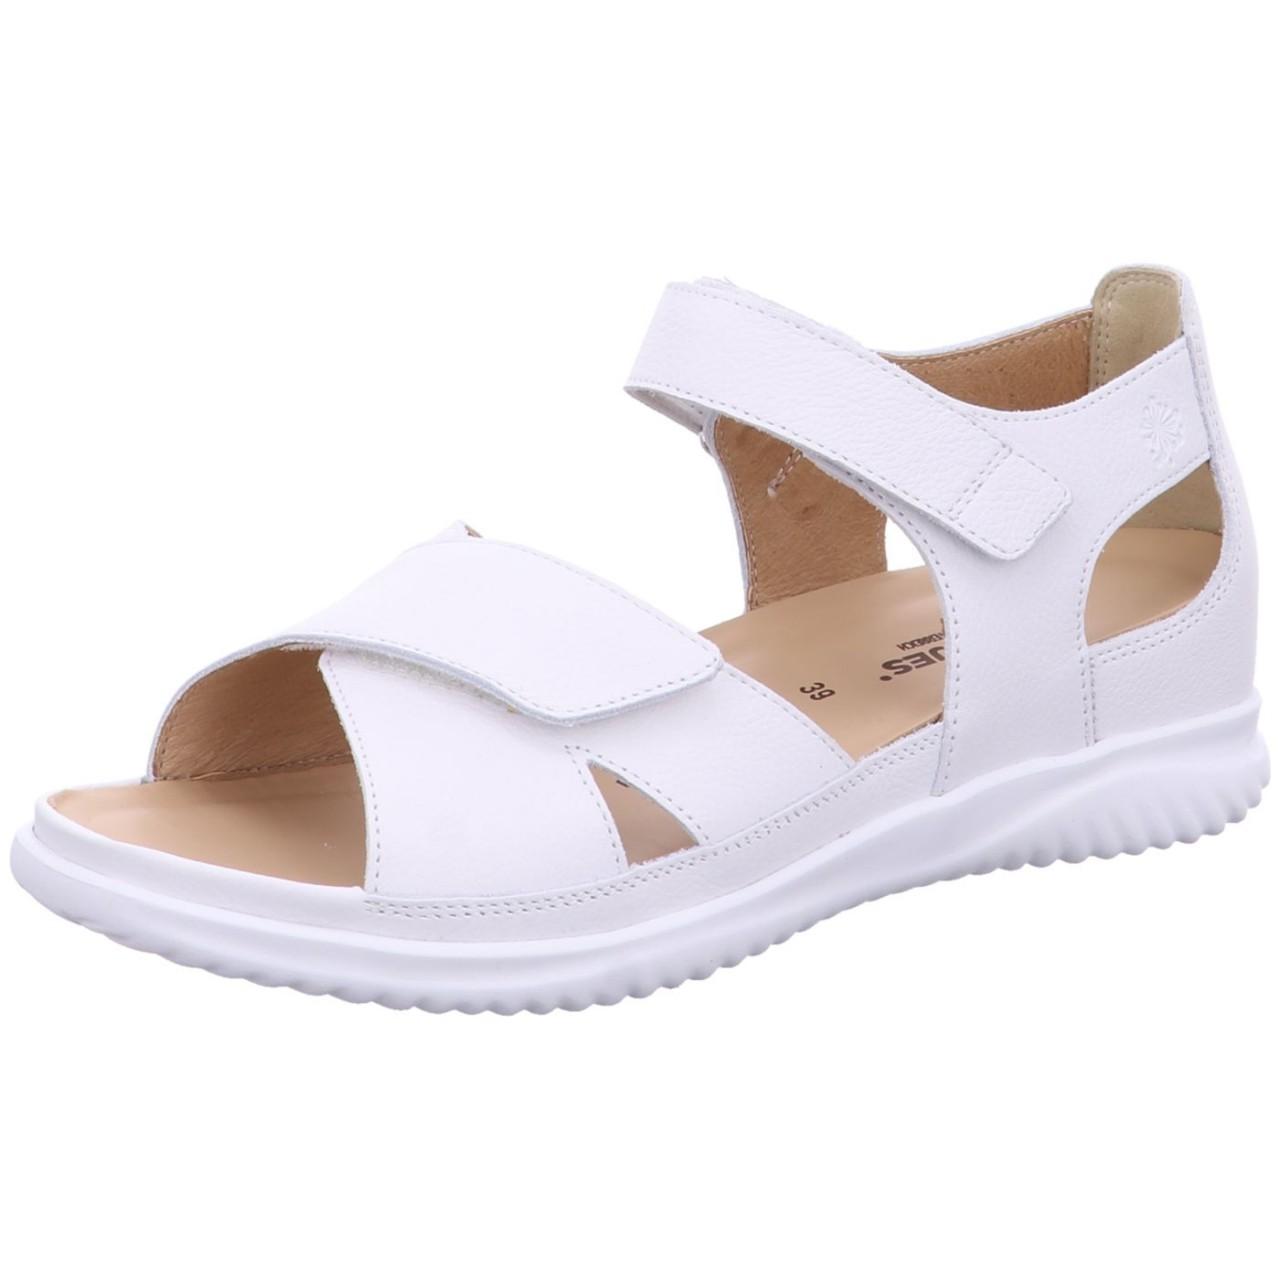 Hartjes Sandale Breeze Weiß 111532 2